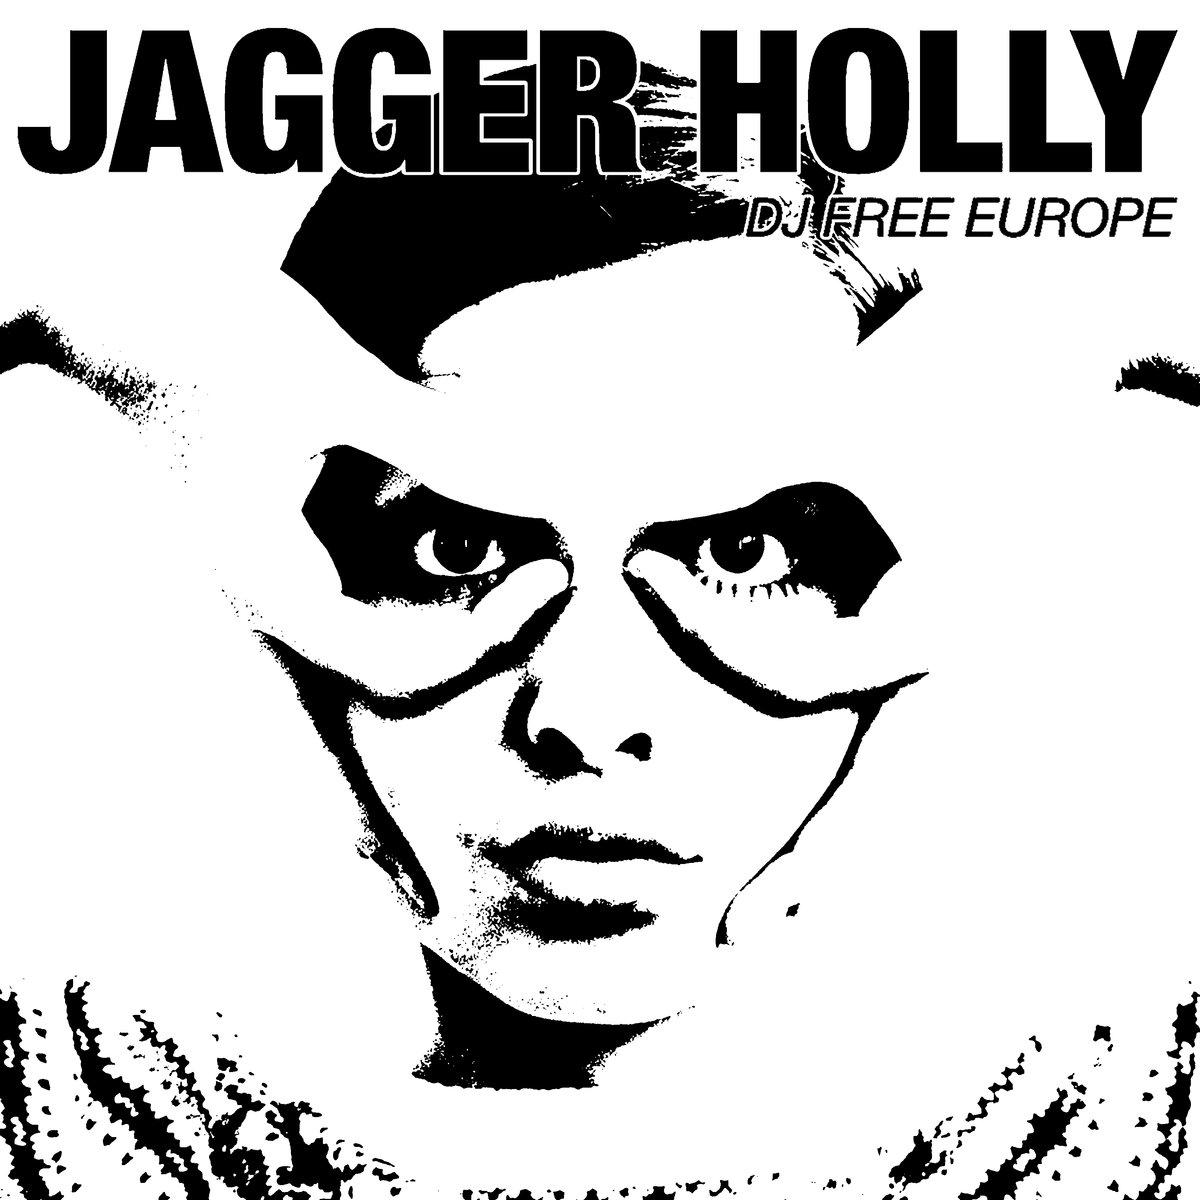 jagger-holly-djfe